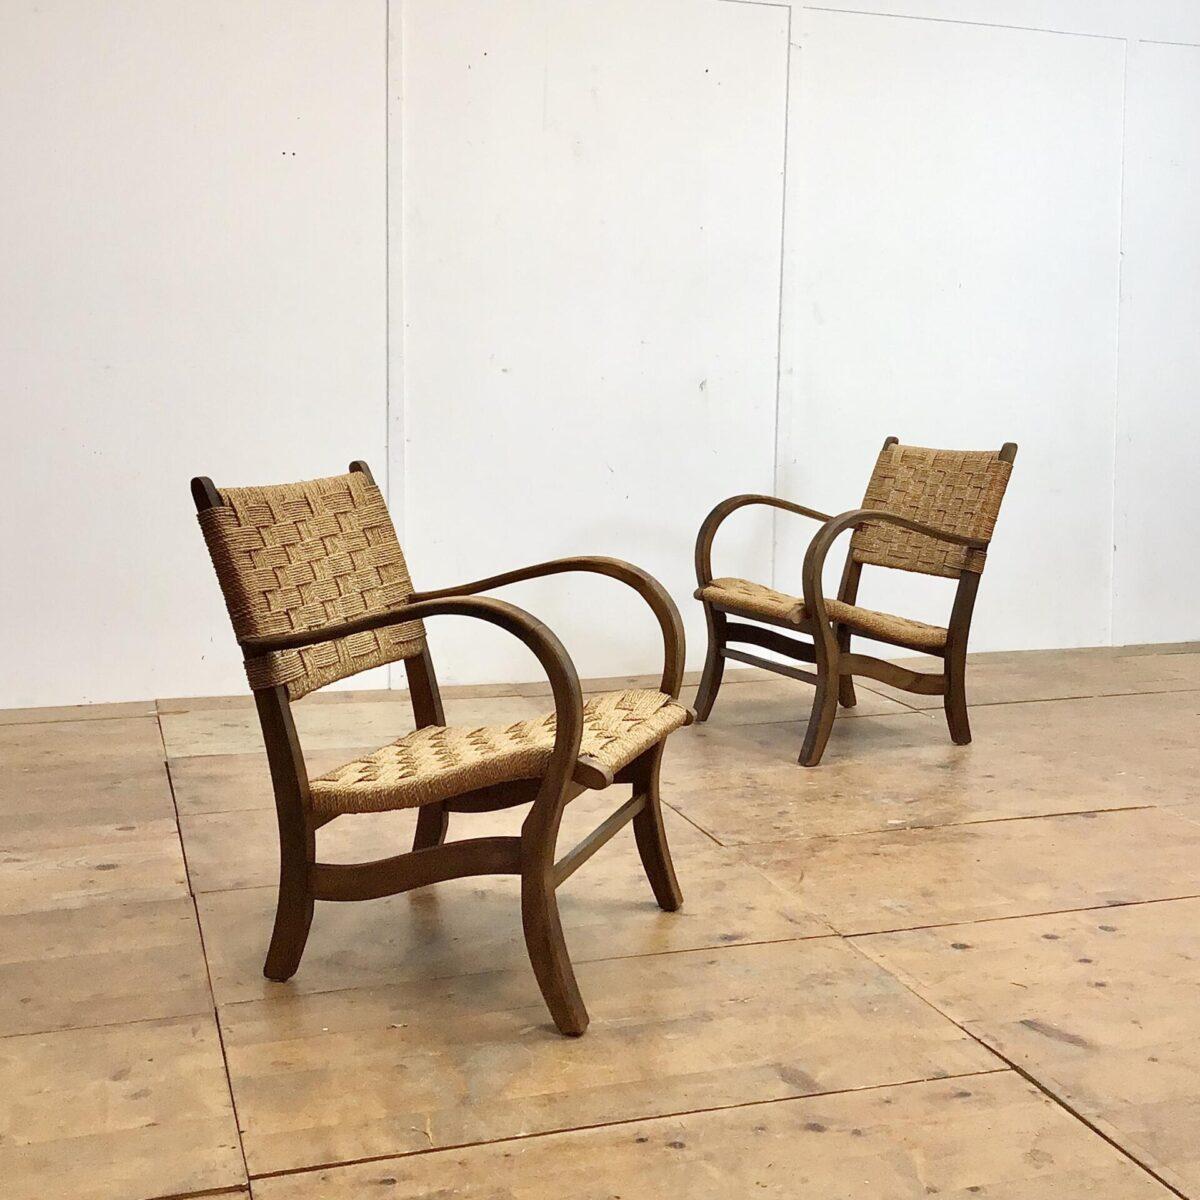 Deuxieme.sho midcentury Easy chairs Cocktail Sessel Zwei Wohnzimmer Sessel mit geflochtener Sitzfläche und Lehne. Breite 56cm tiefe 68cm Höhe 75cm. Das Holz Stuhlgestell, mit den Dampfgebogenen Armlehnen, hat eine dunkelbraune Alterspatina.